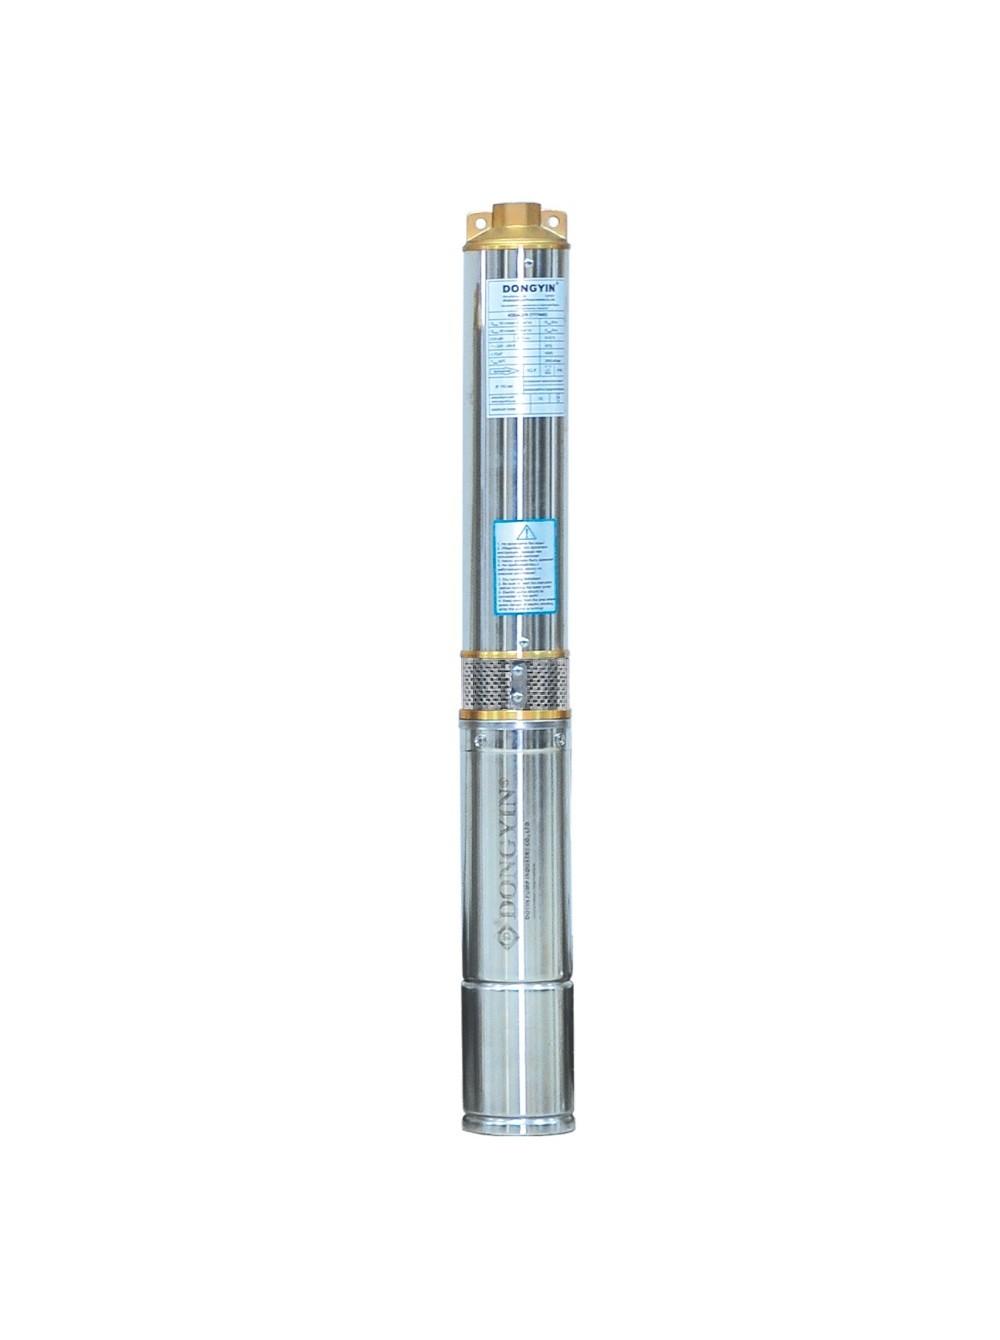 Насос скважинный центробежный Aquatica 777101 0,25 кВт; h-43м цена